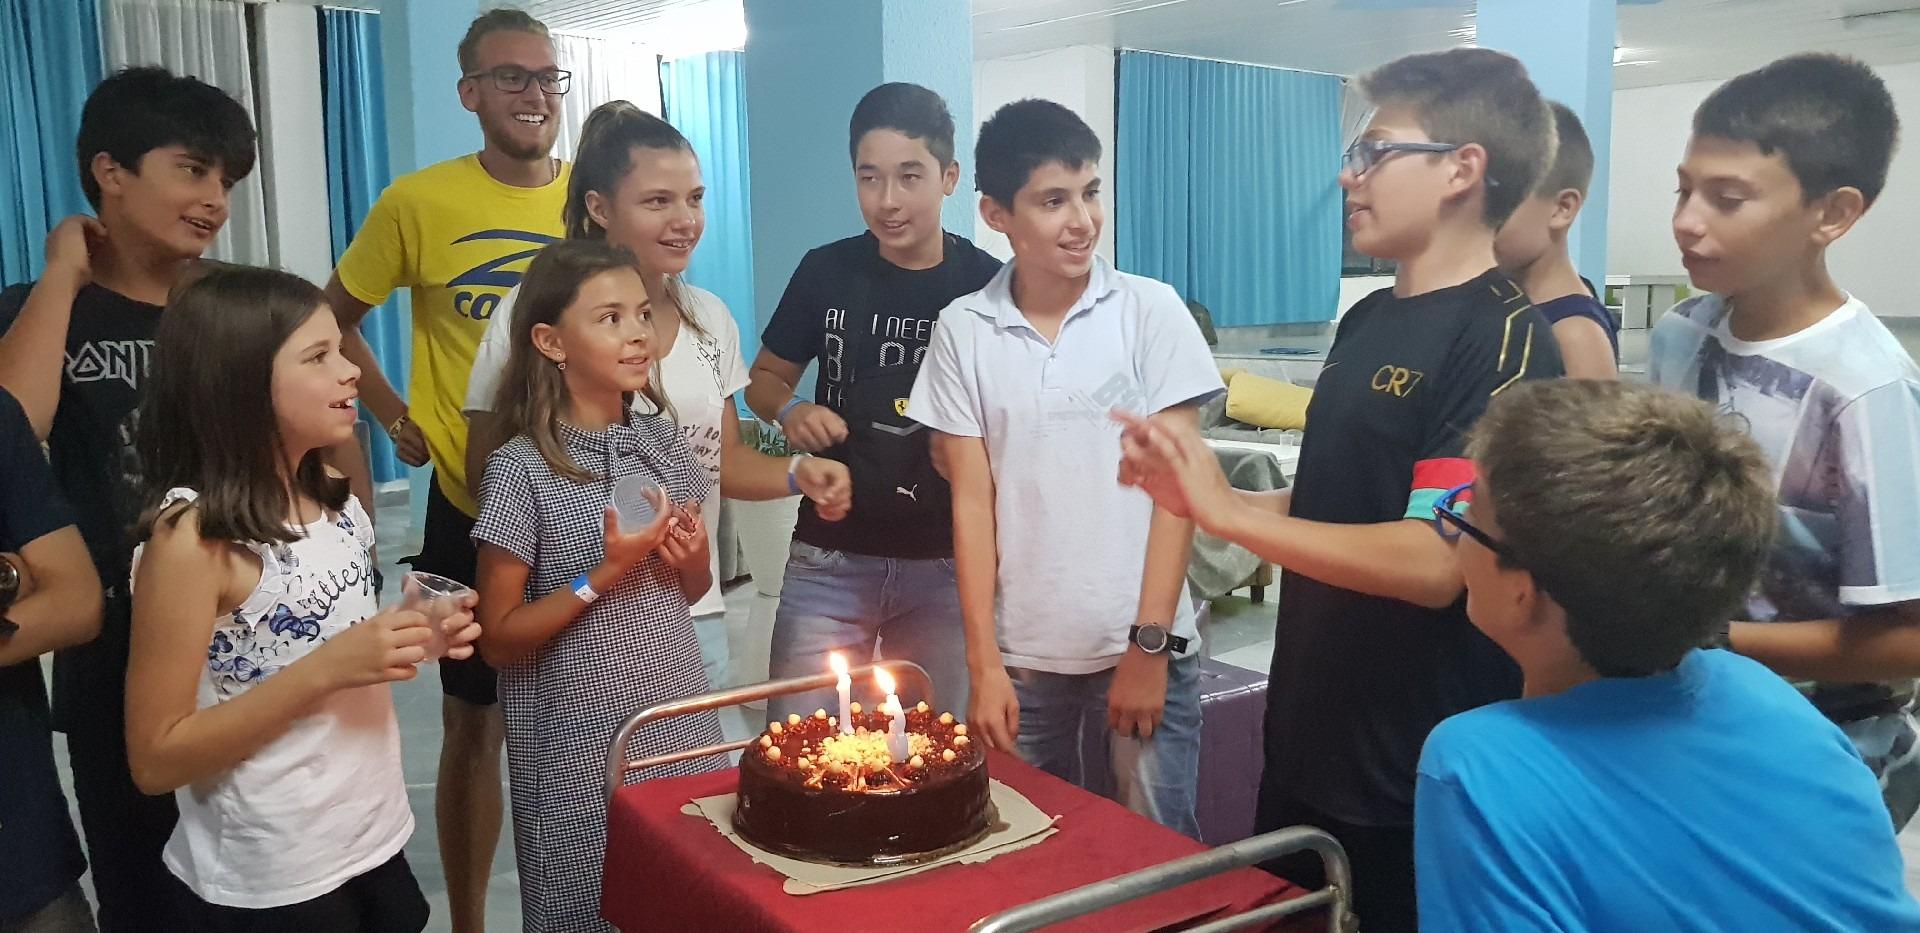 летни езикови лагери в България Z кемп, Ден 34 - рожден ден - реч пред тортата